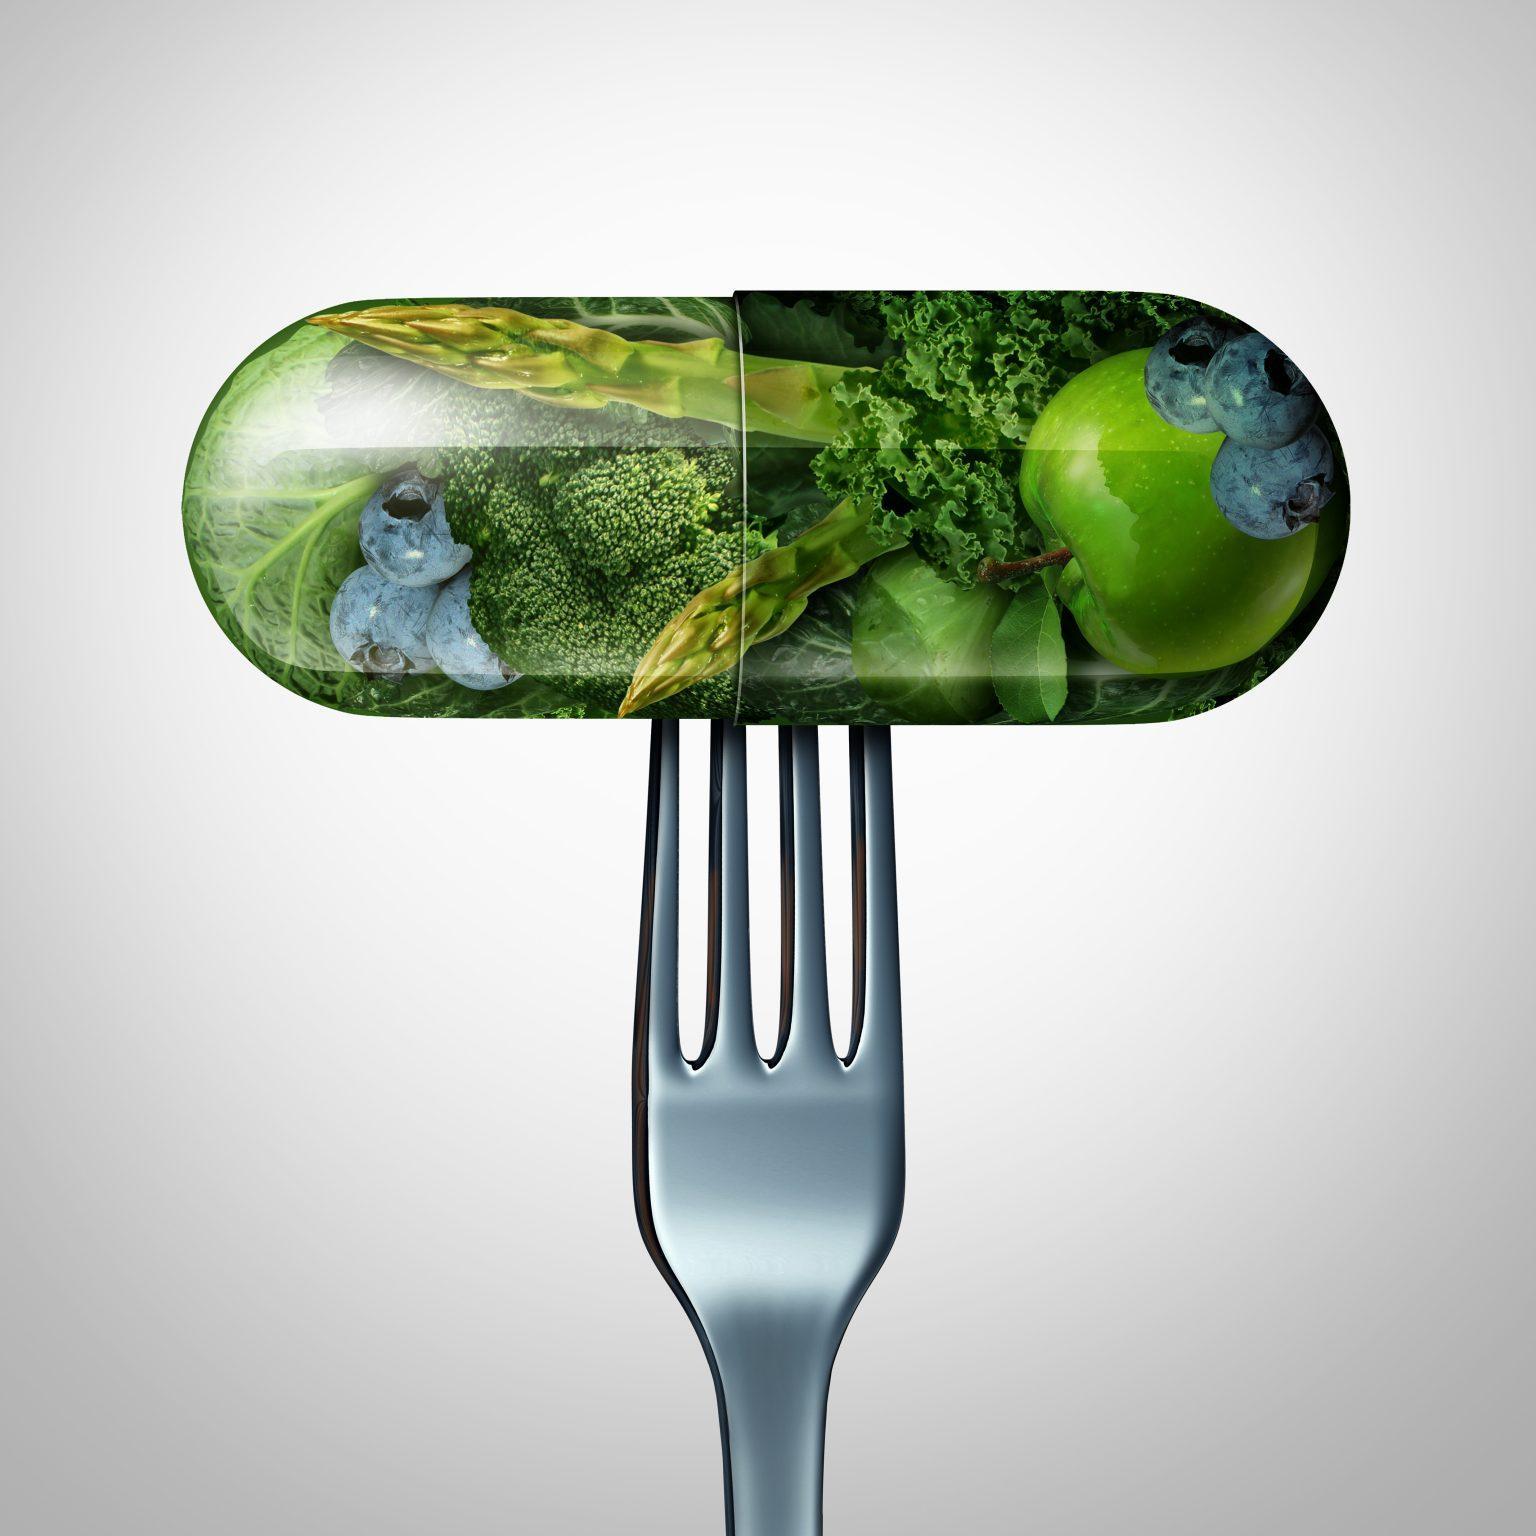 Zdrowe jedzenie zamknięte w kapsułce